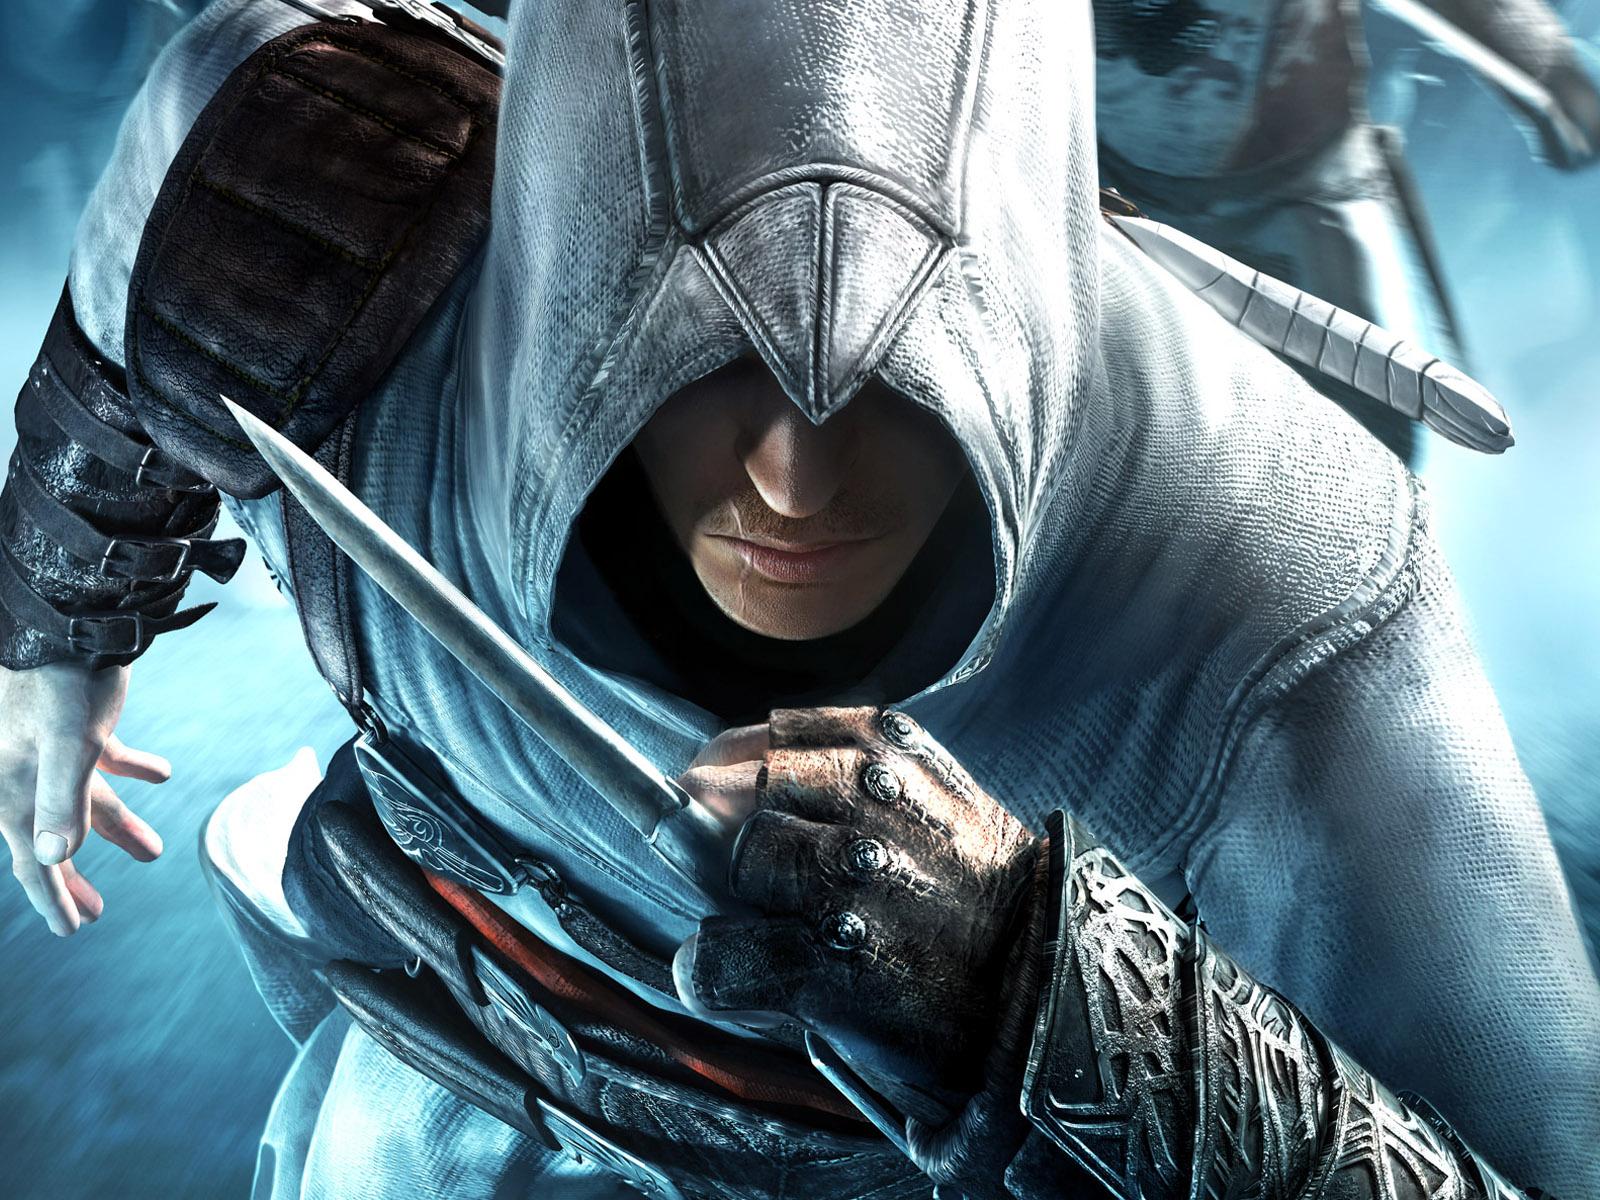 المحاري: Assassin's Creed Wallpapers